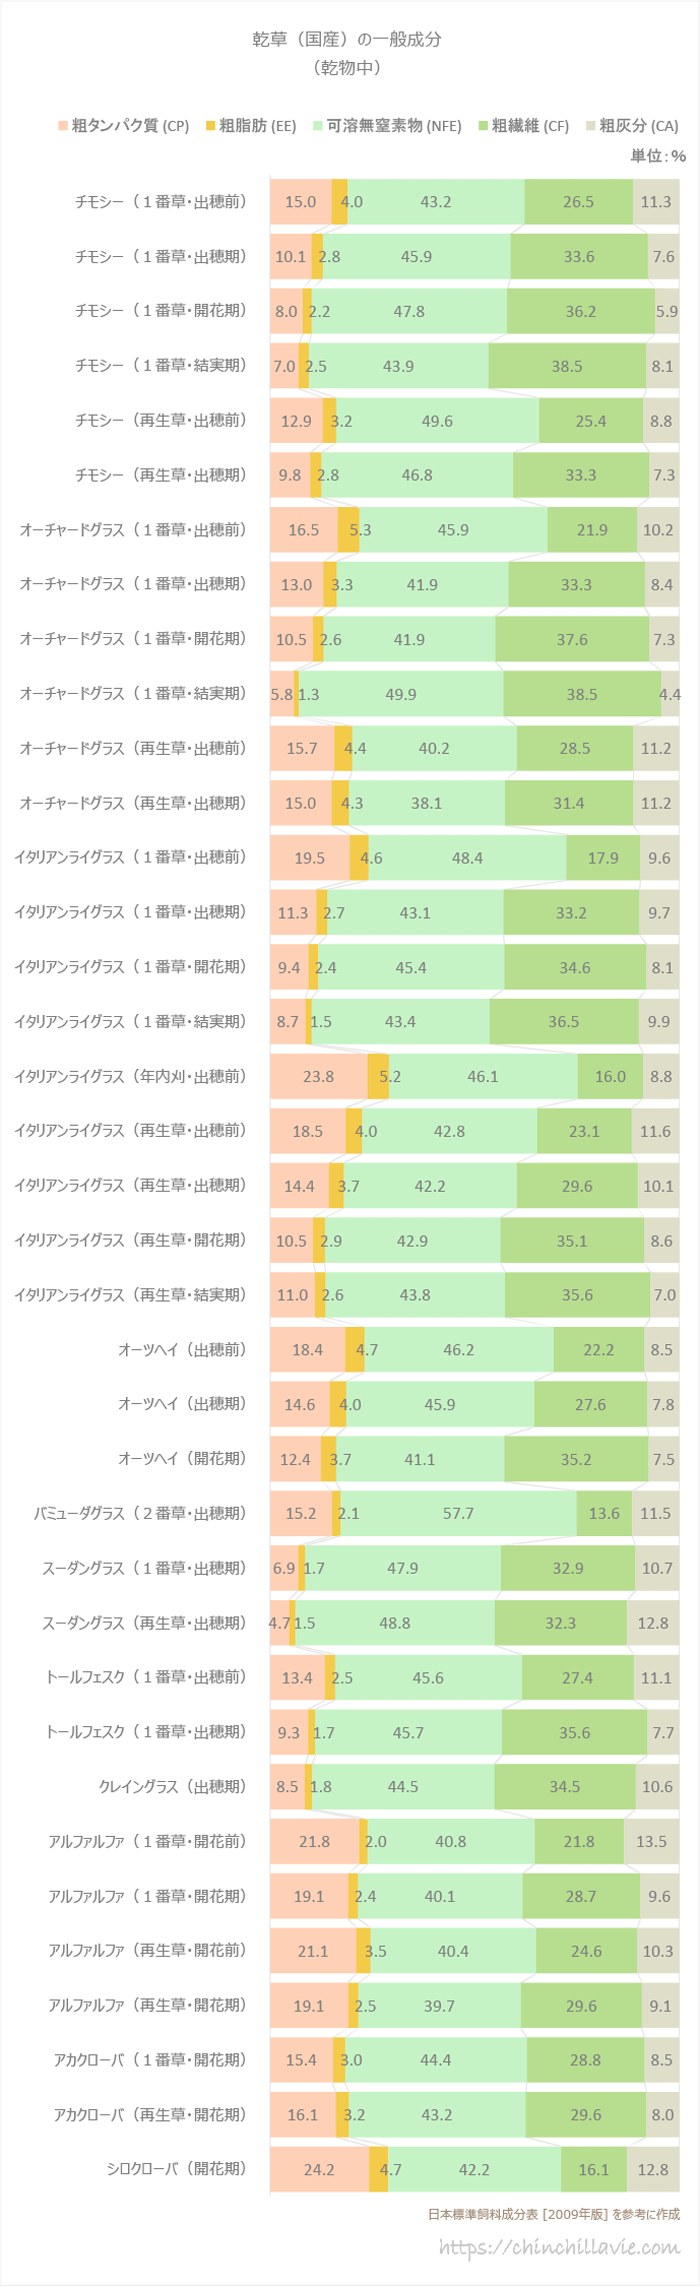 日本標準飼料成分表(2009年版) 乾草(国産)の一般成分(乾物中)を参考に作成した棒グラフ